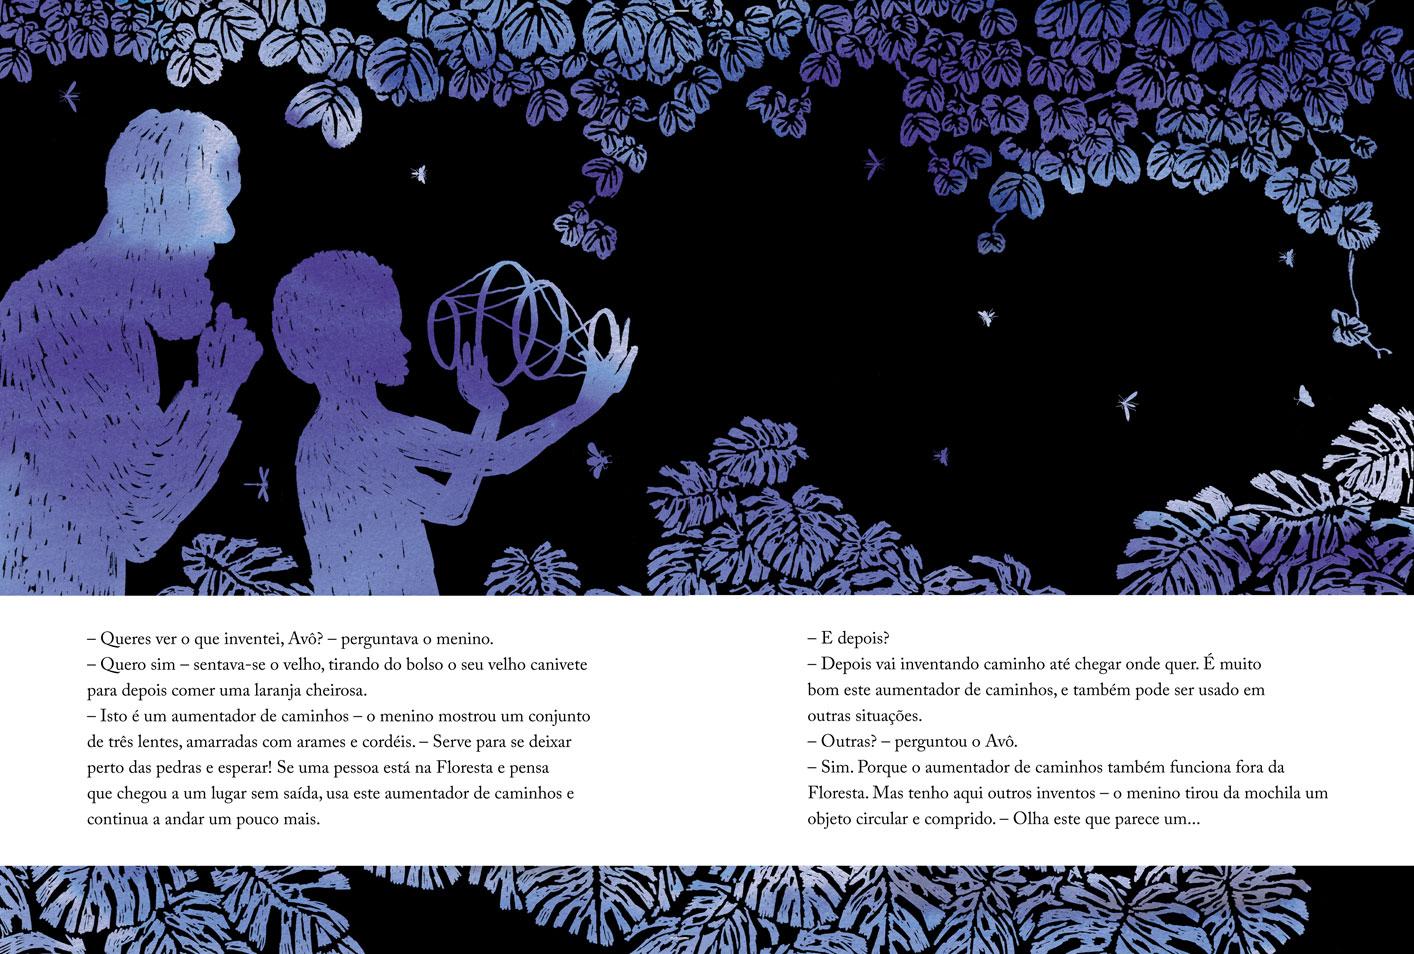 O Convidador de Pirilampos, Ondjaki, Deus Me Livro, Caminho, António Jorge Gonçalves